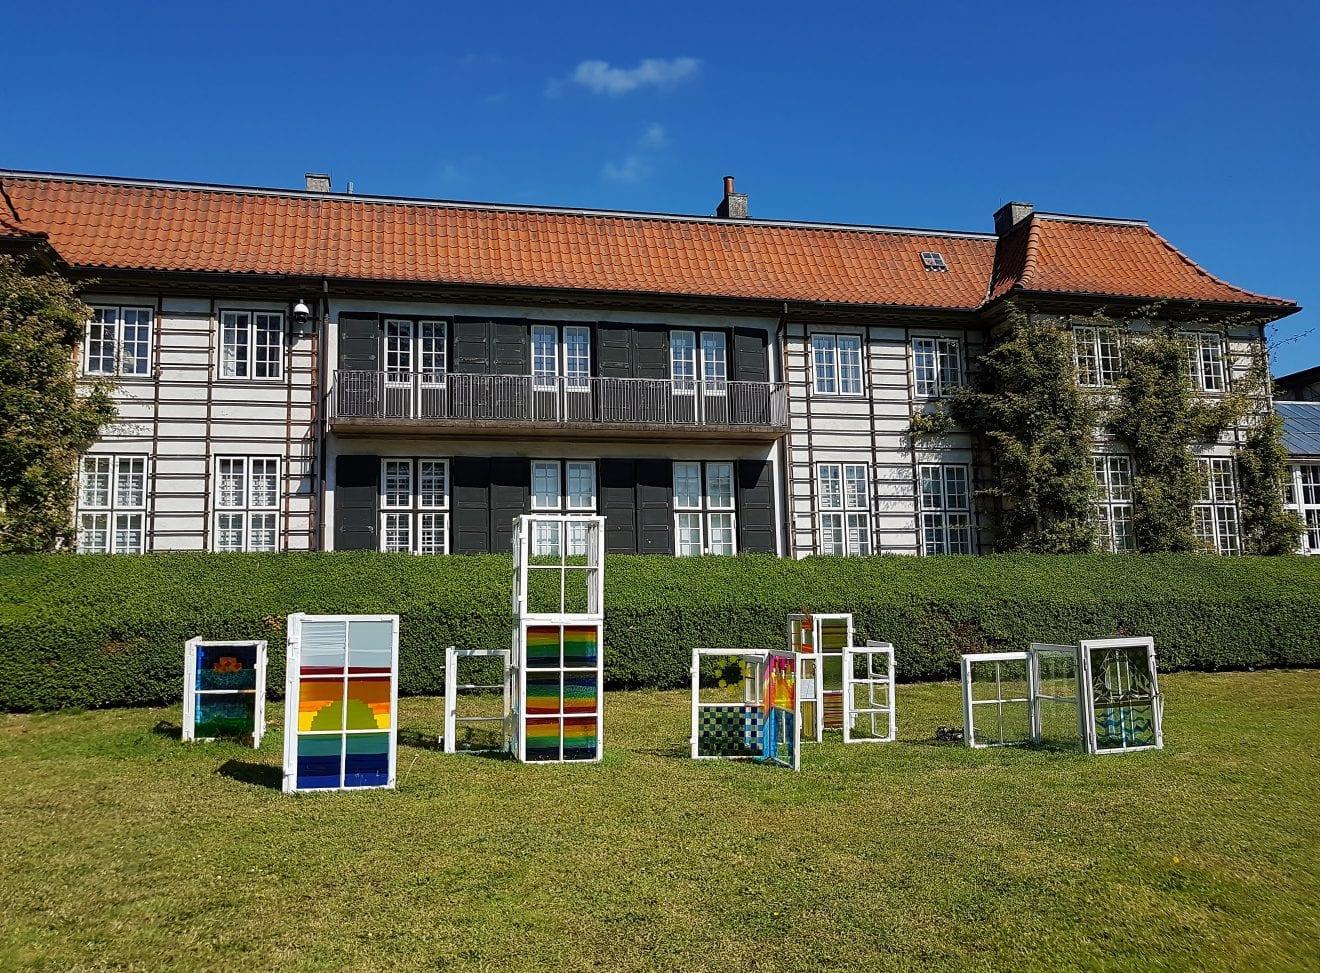 Billedreportage fra Lysworkshop i Ordrupgårdparken